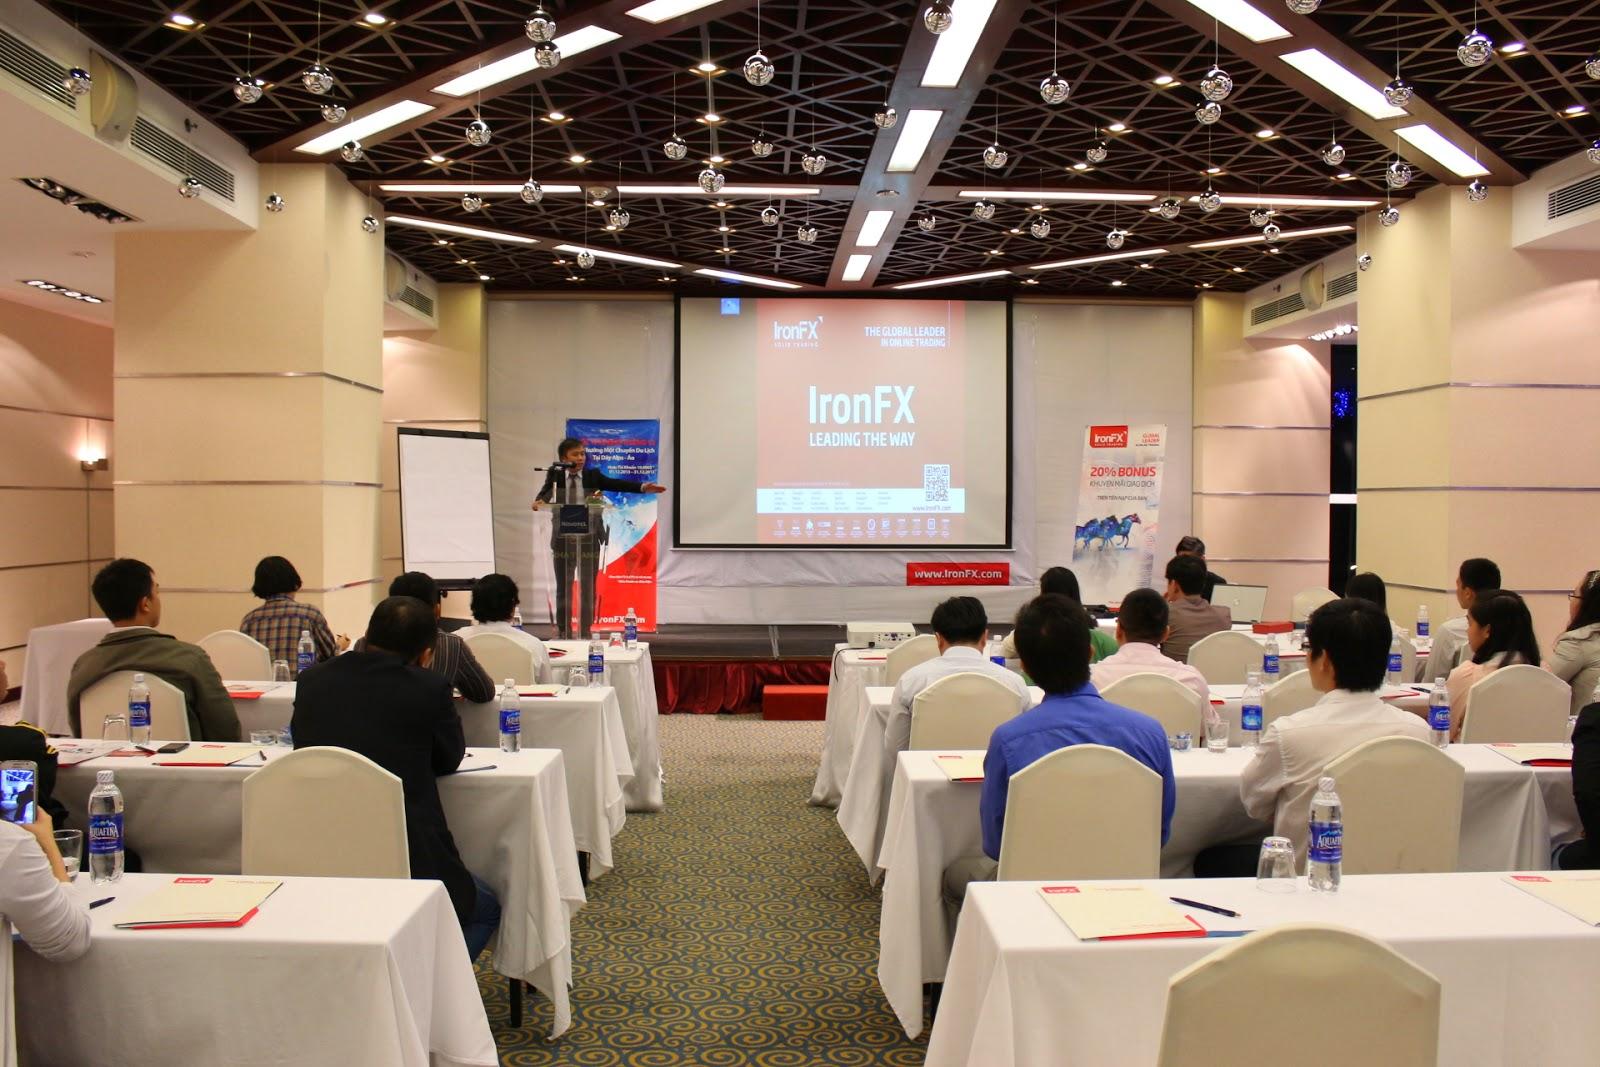 Đêm hội giao lưu về thị trường tài chính IronFX